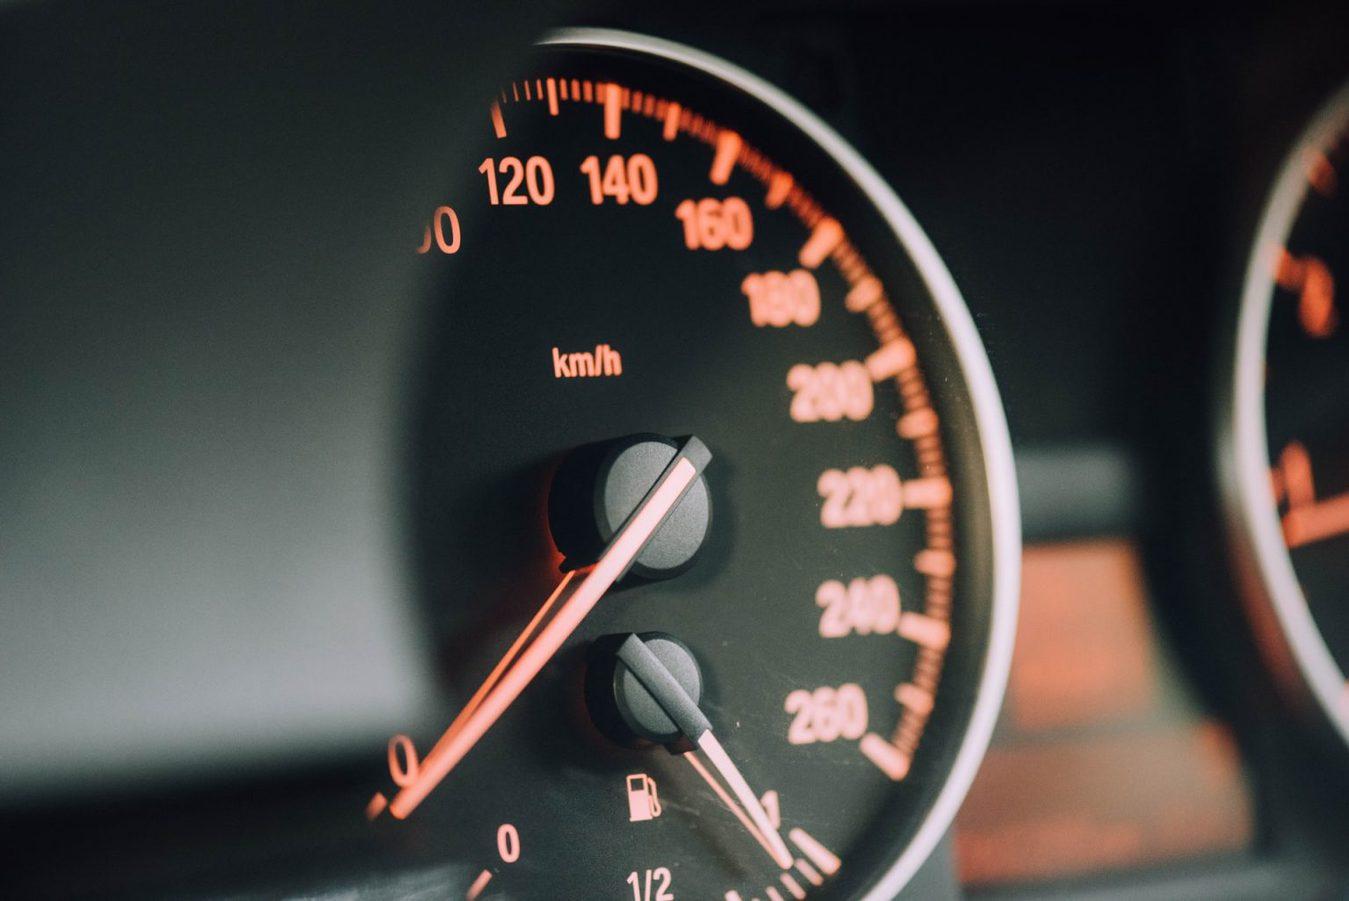 Indicatore di velocità dell'auto con luci arancioni